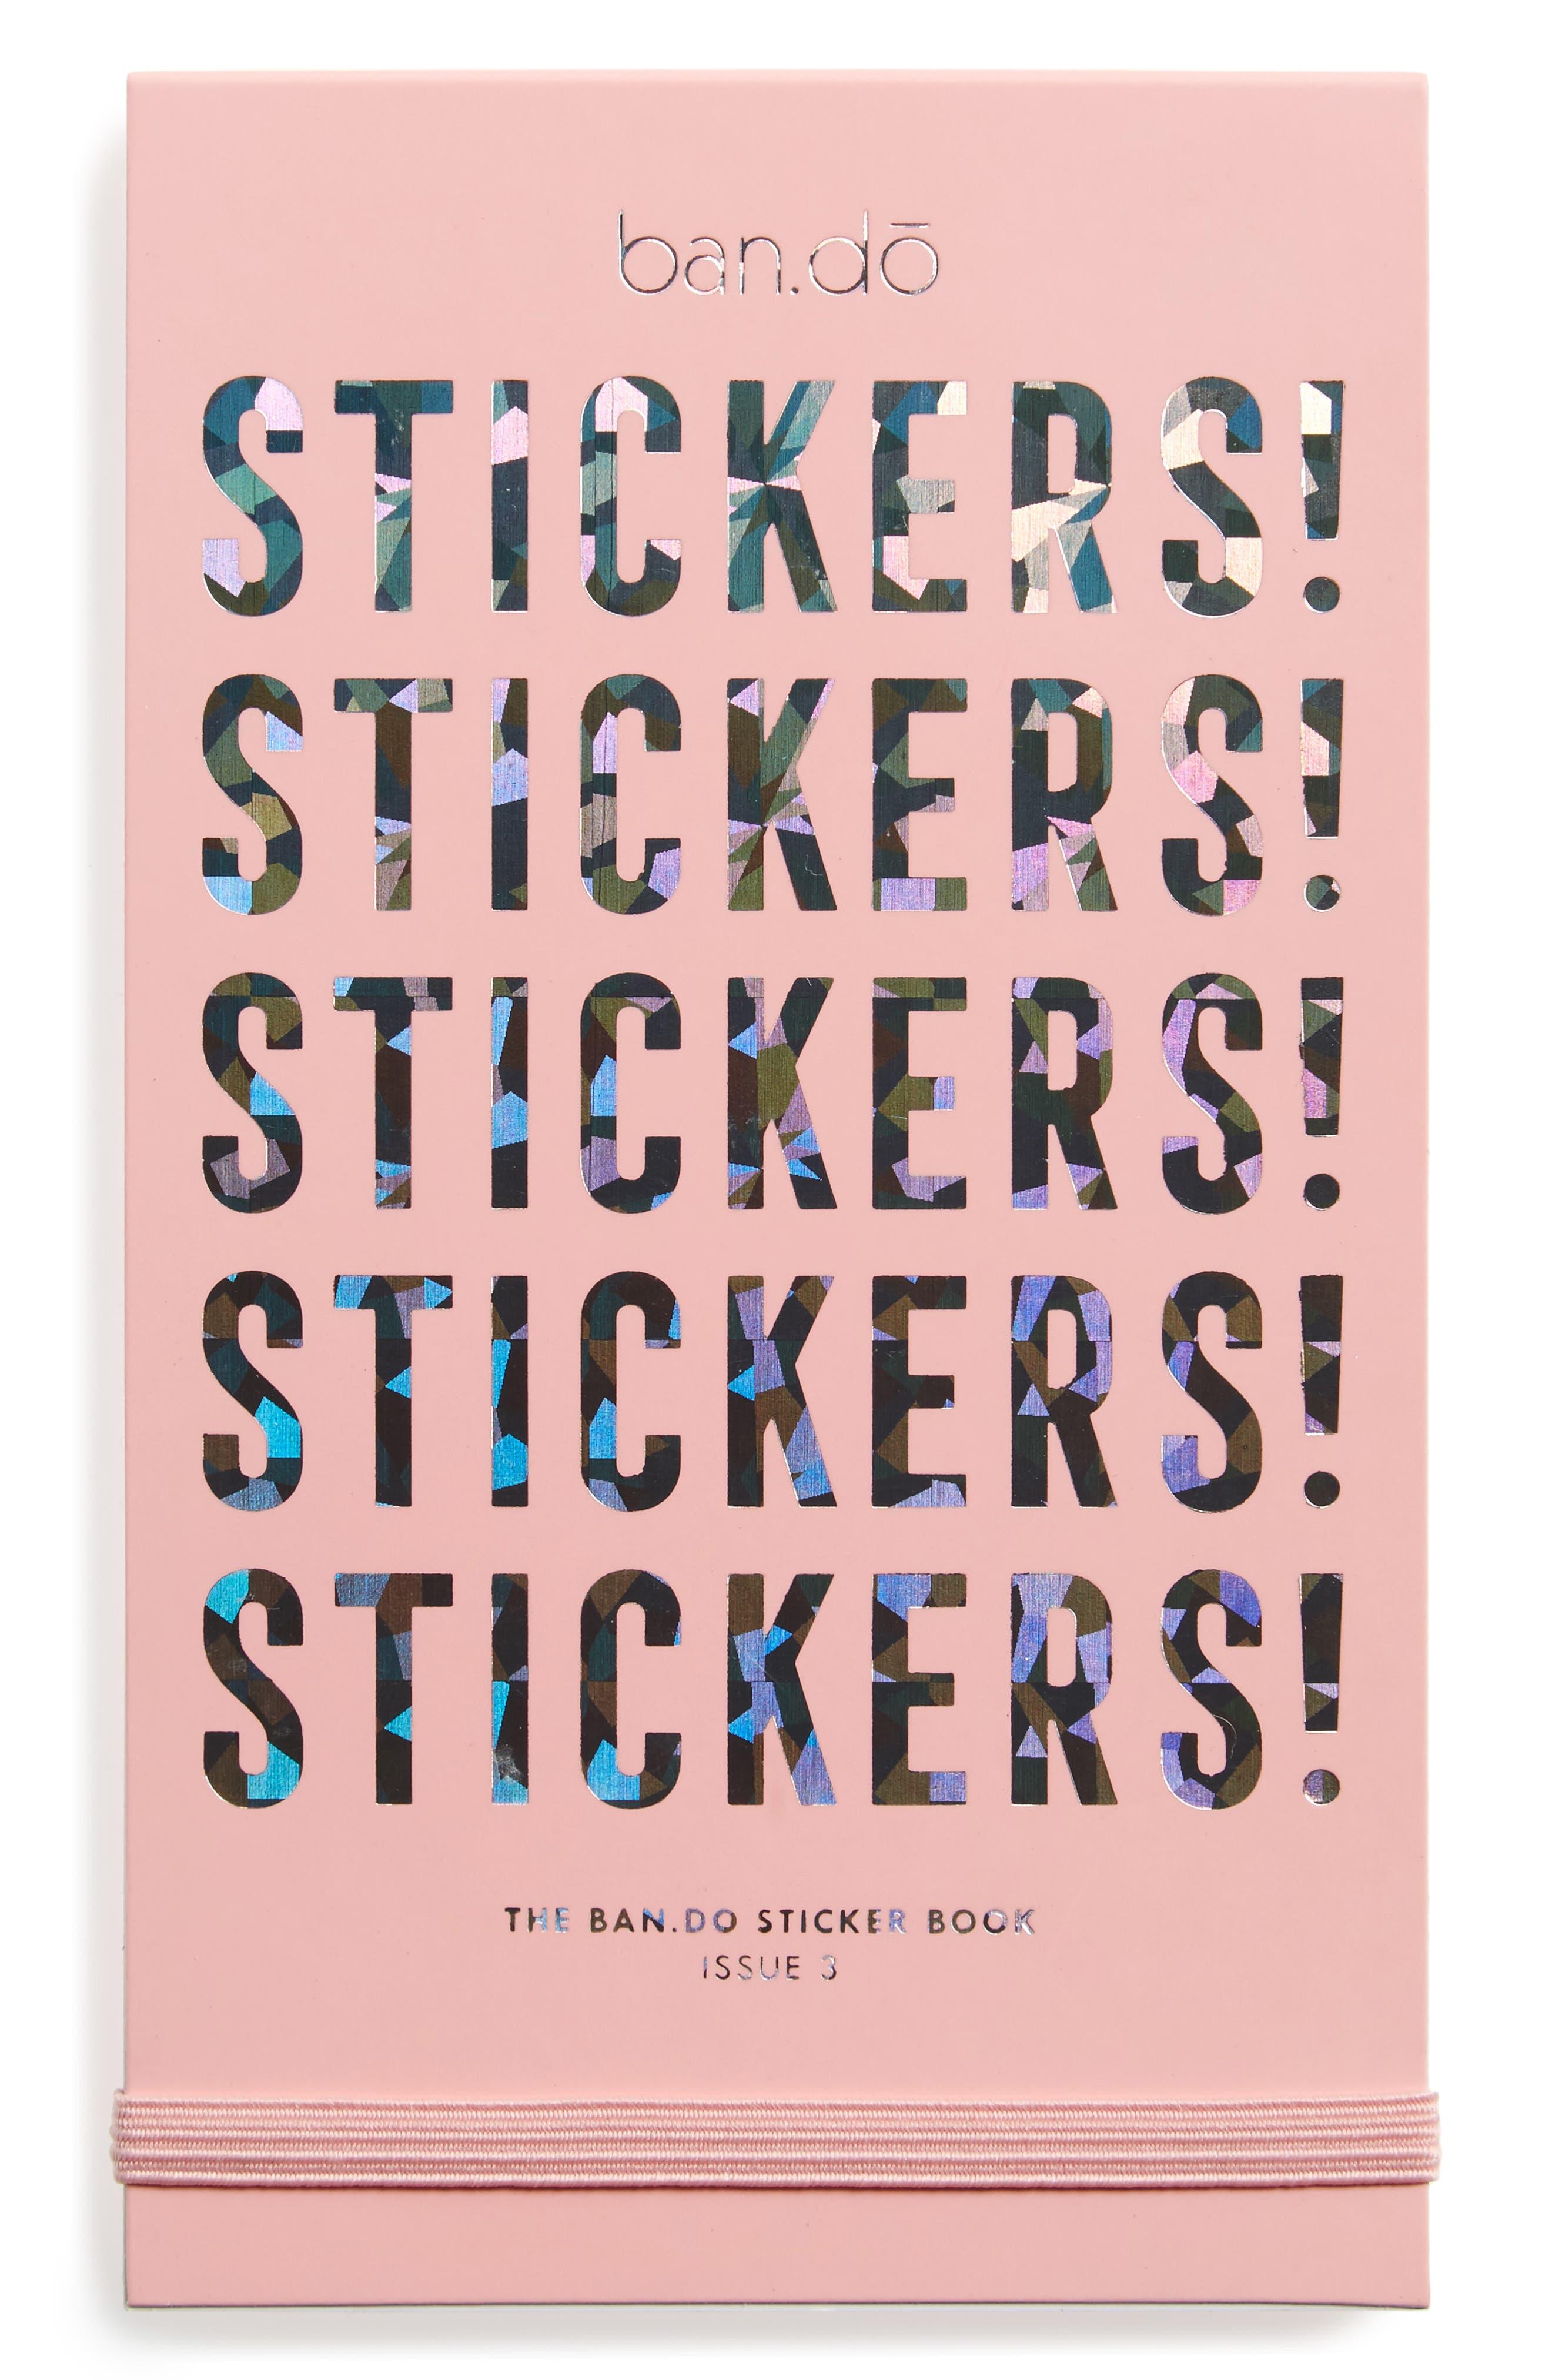 Main image ban do sticker book